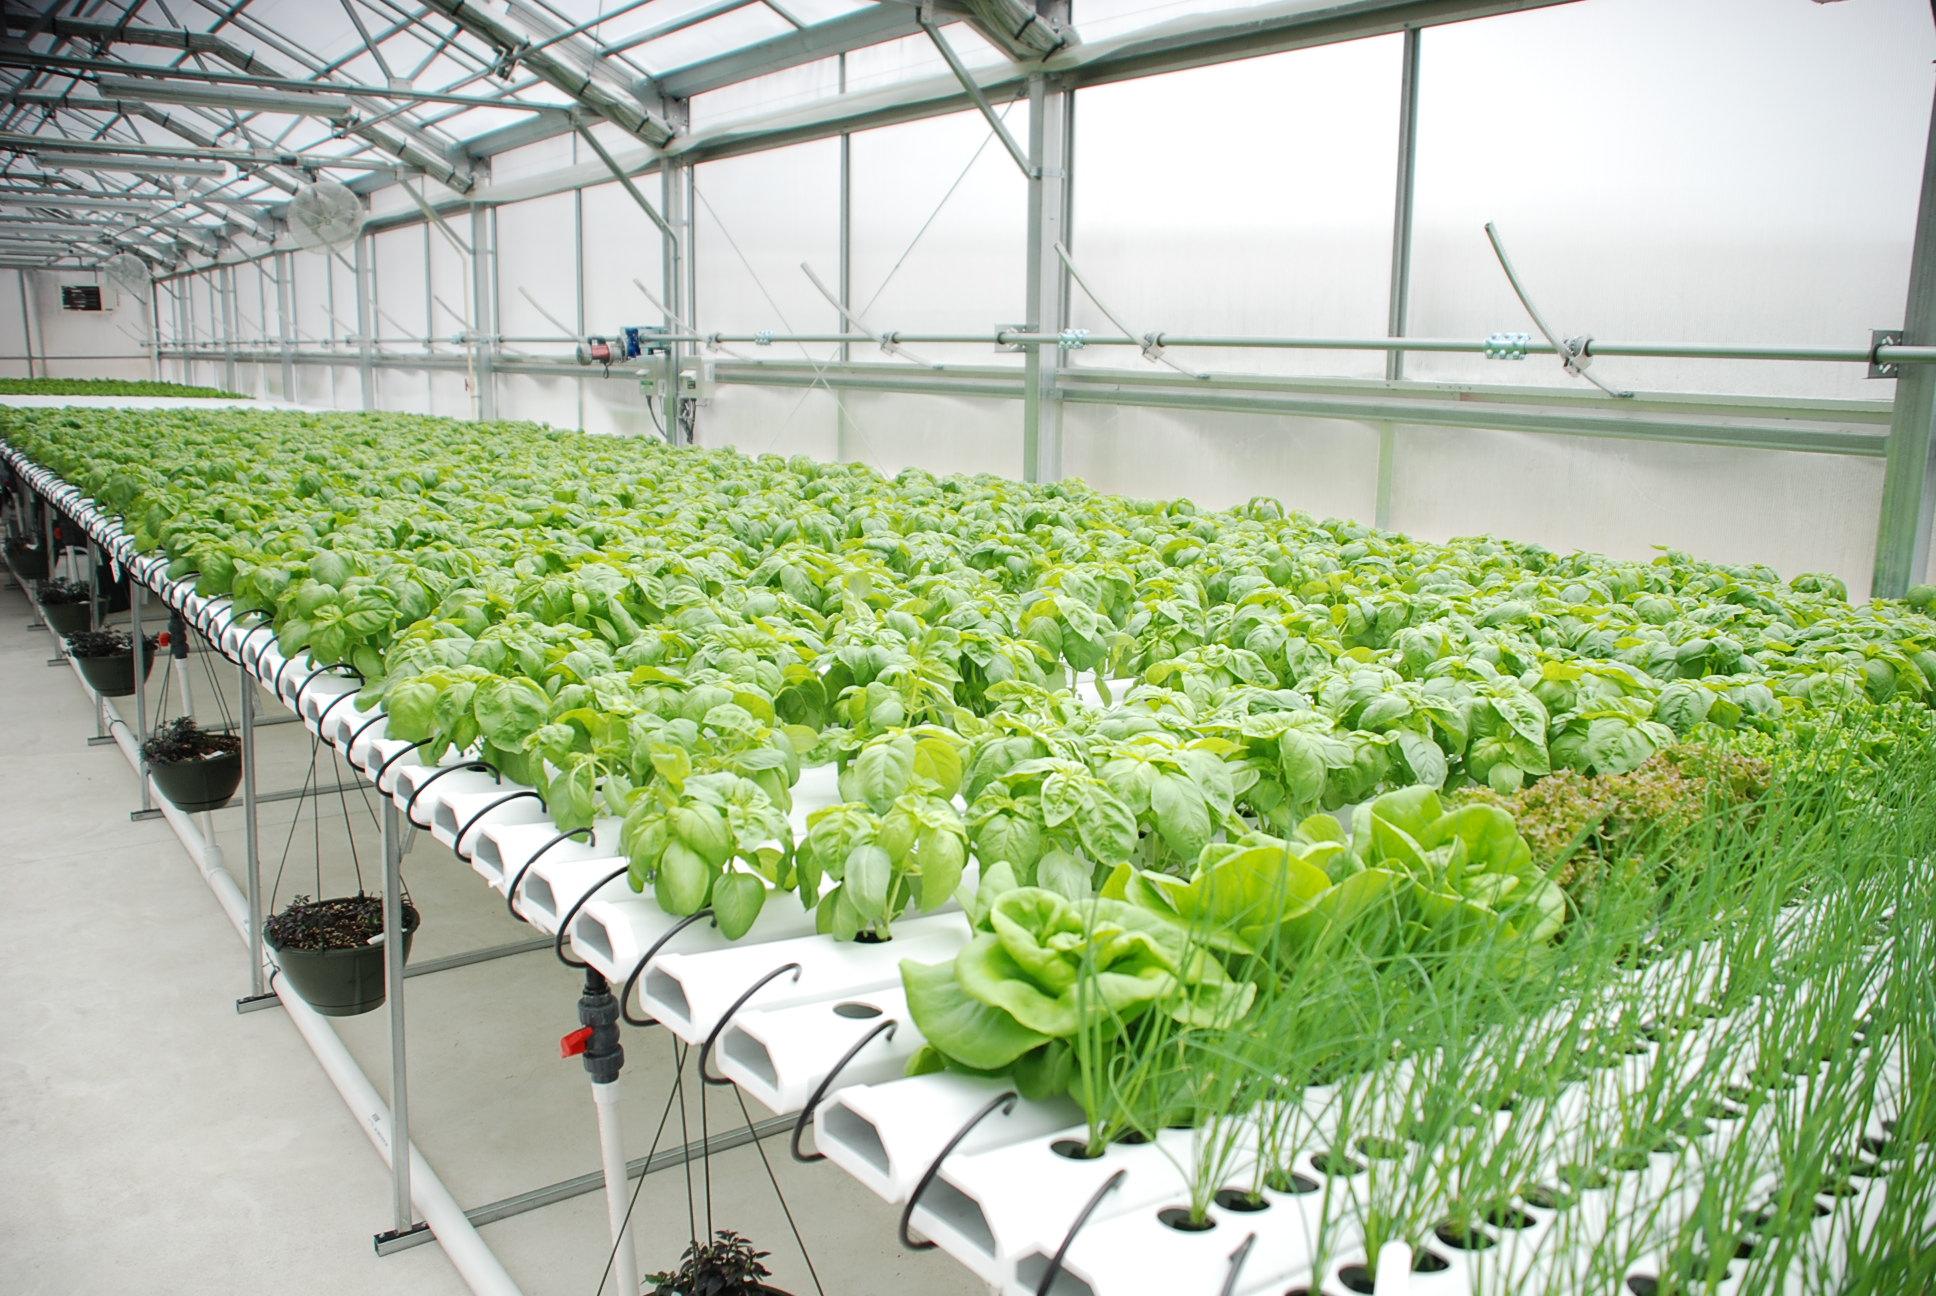 مستلزمات الزراعة المائية %D9%85%D8%B3%D8%AA%D